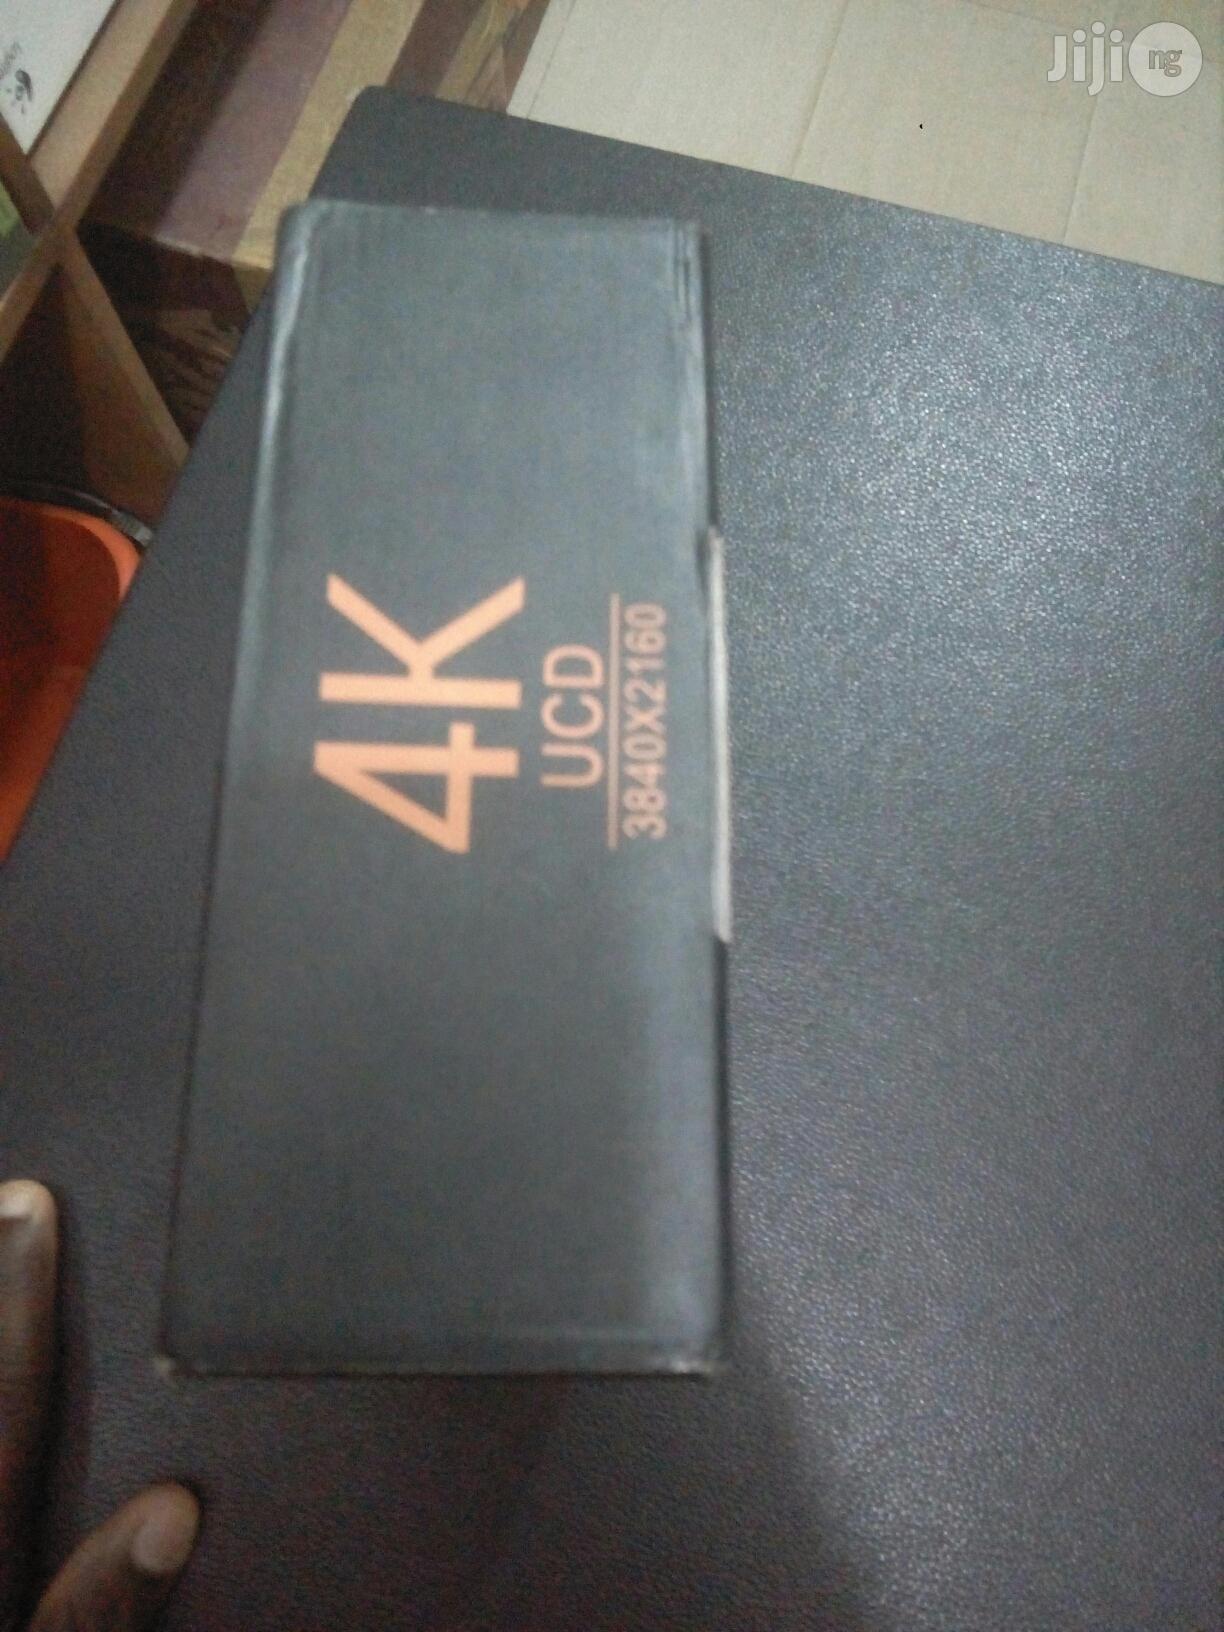 MXQ Pro 4K Smart TV Box